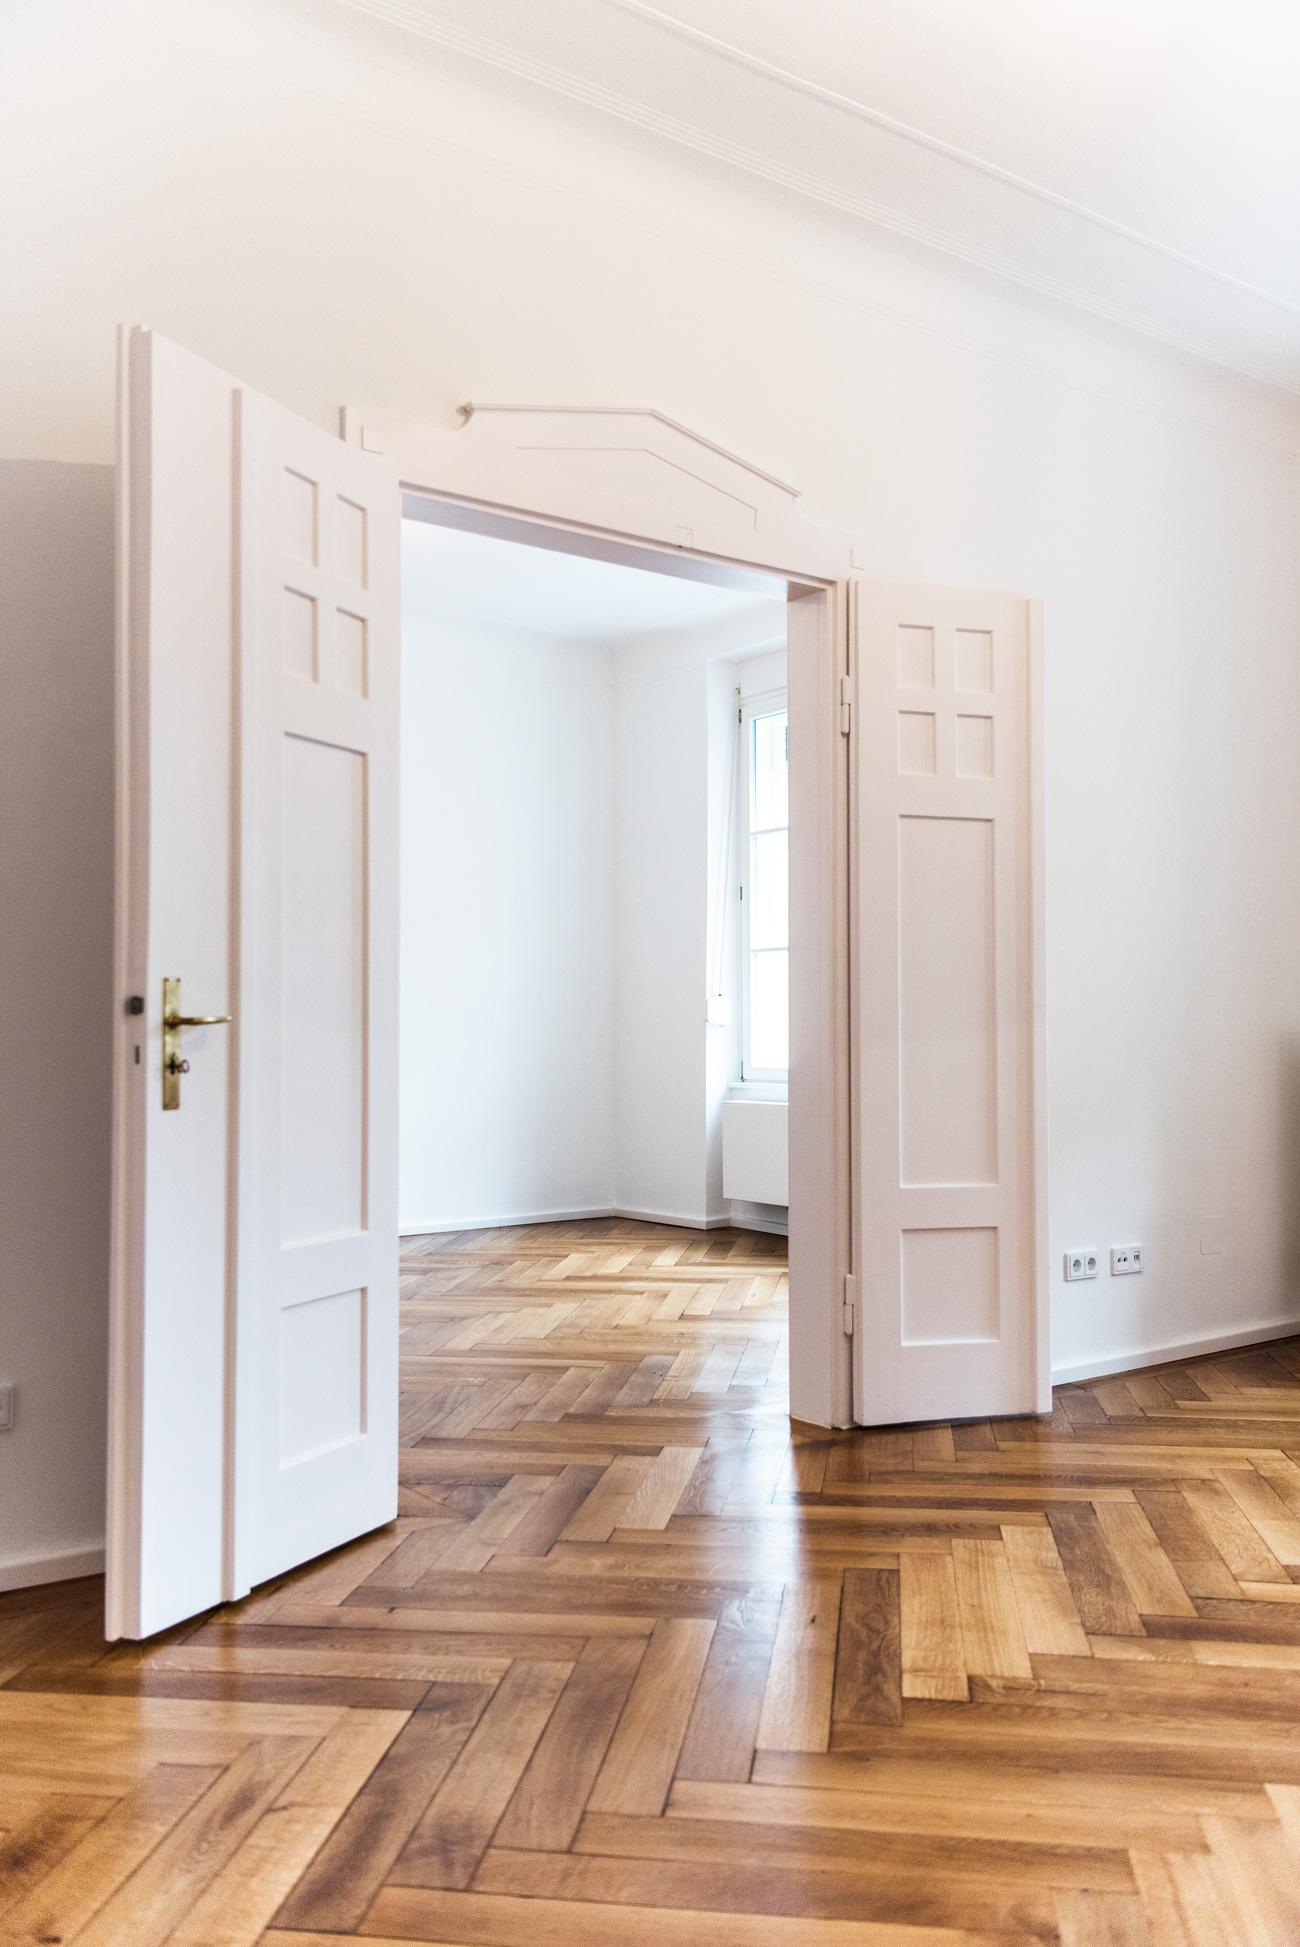 tipps f r die wohnungssuche in m nchen unsere altbau traumwohnung. Black Bedroom Furniture Sets. Home Design Ideas